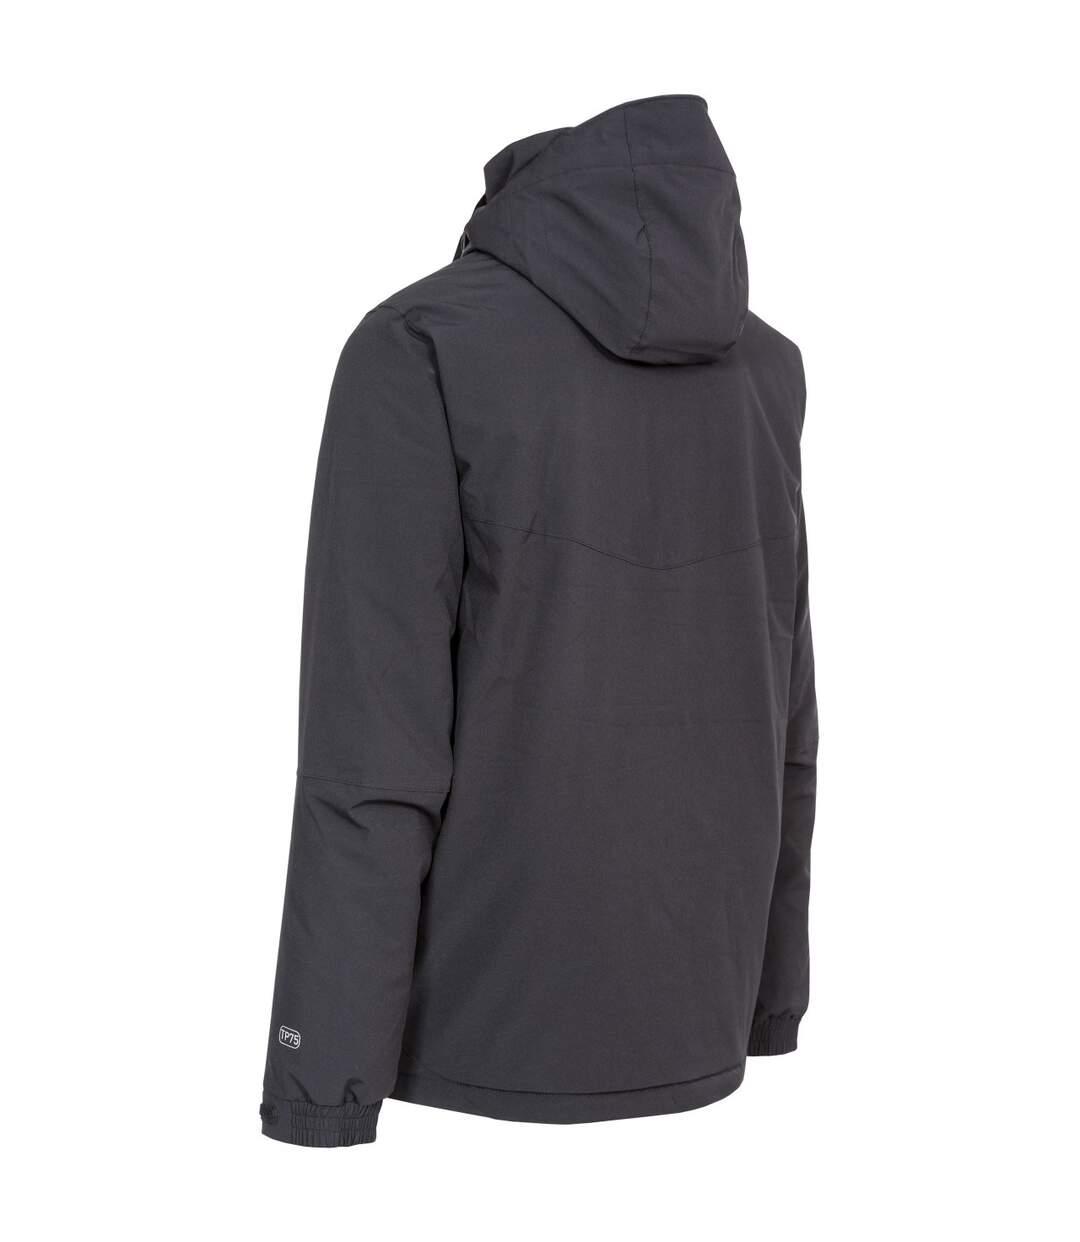 Trespass Mens Kilkee Waterproof Ski Jacket (Black) - UTTP4355